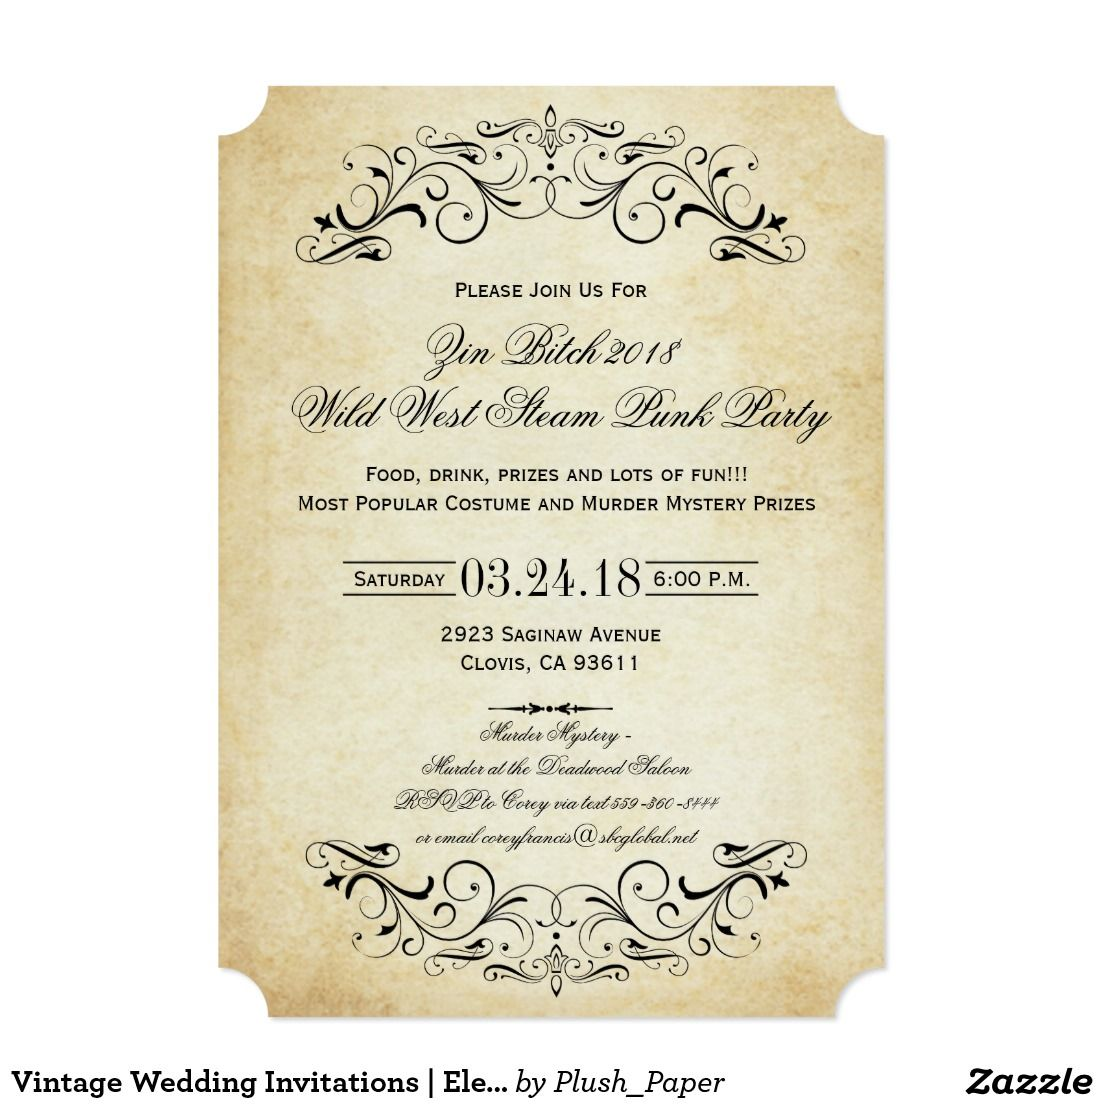 Vintage Wedding Invitations | Elegant Flourish | Vintage wedding ...